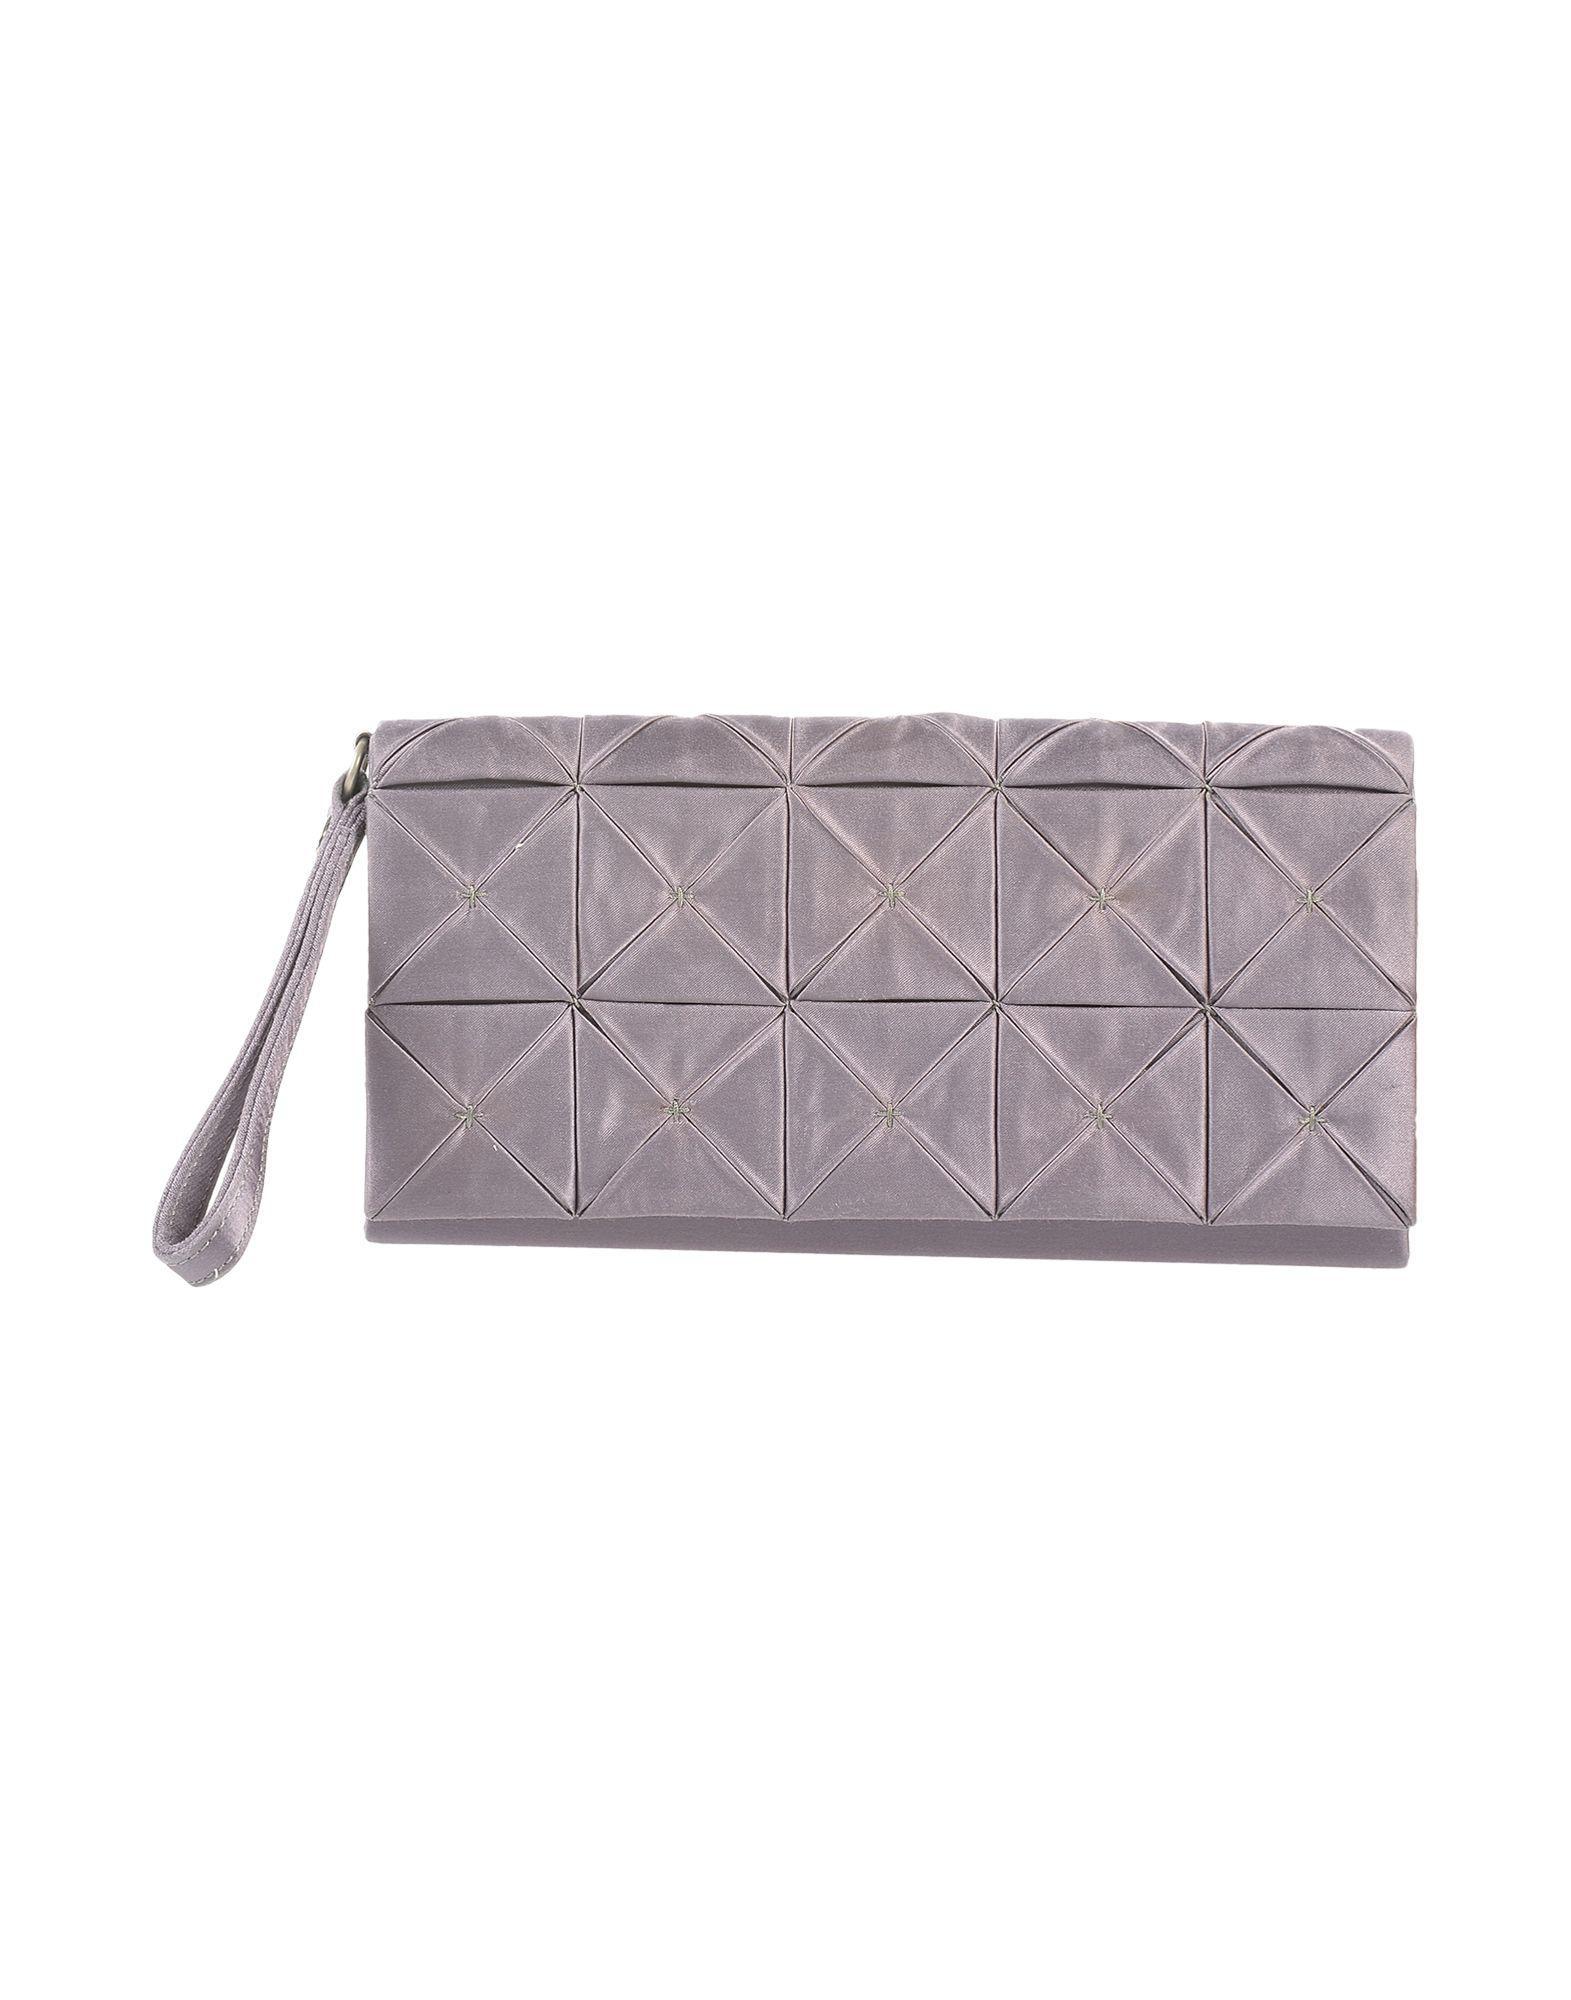 Francesco Biasia Handbags Yoox - Best Handbag 2018 aa1fb71372276